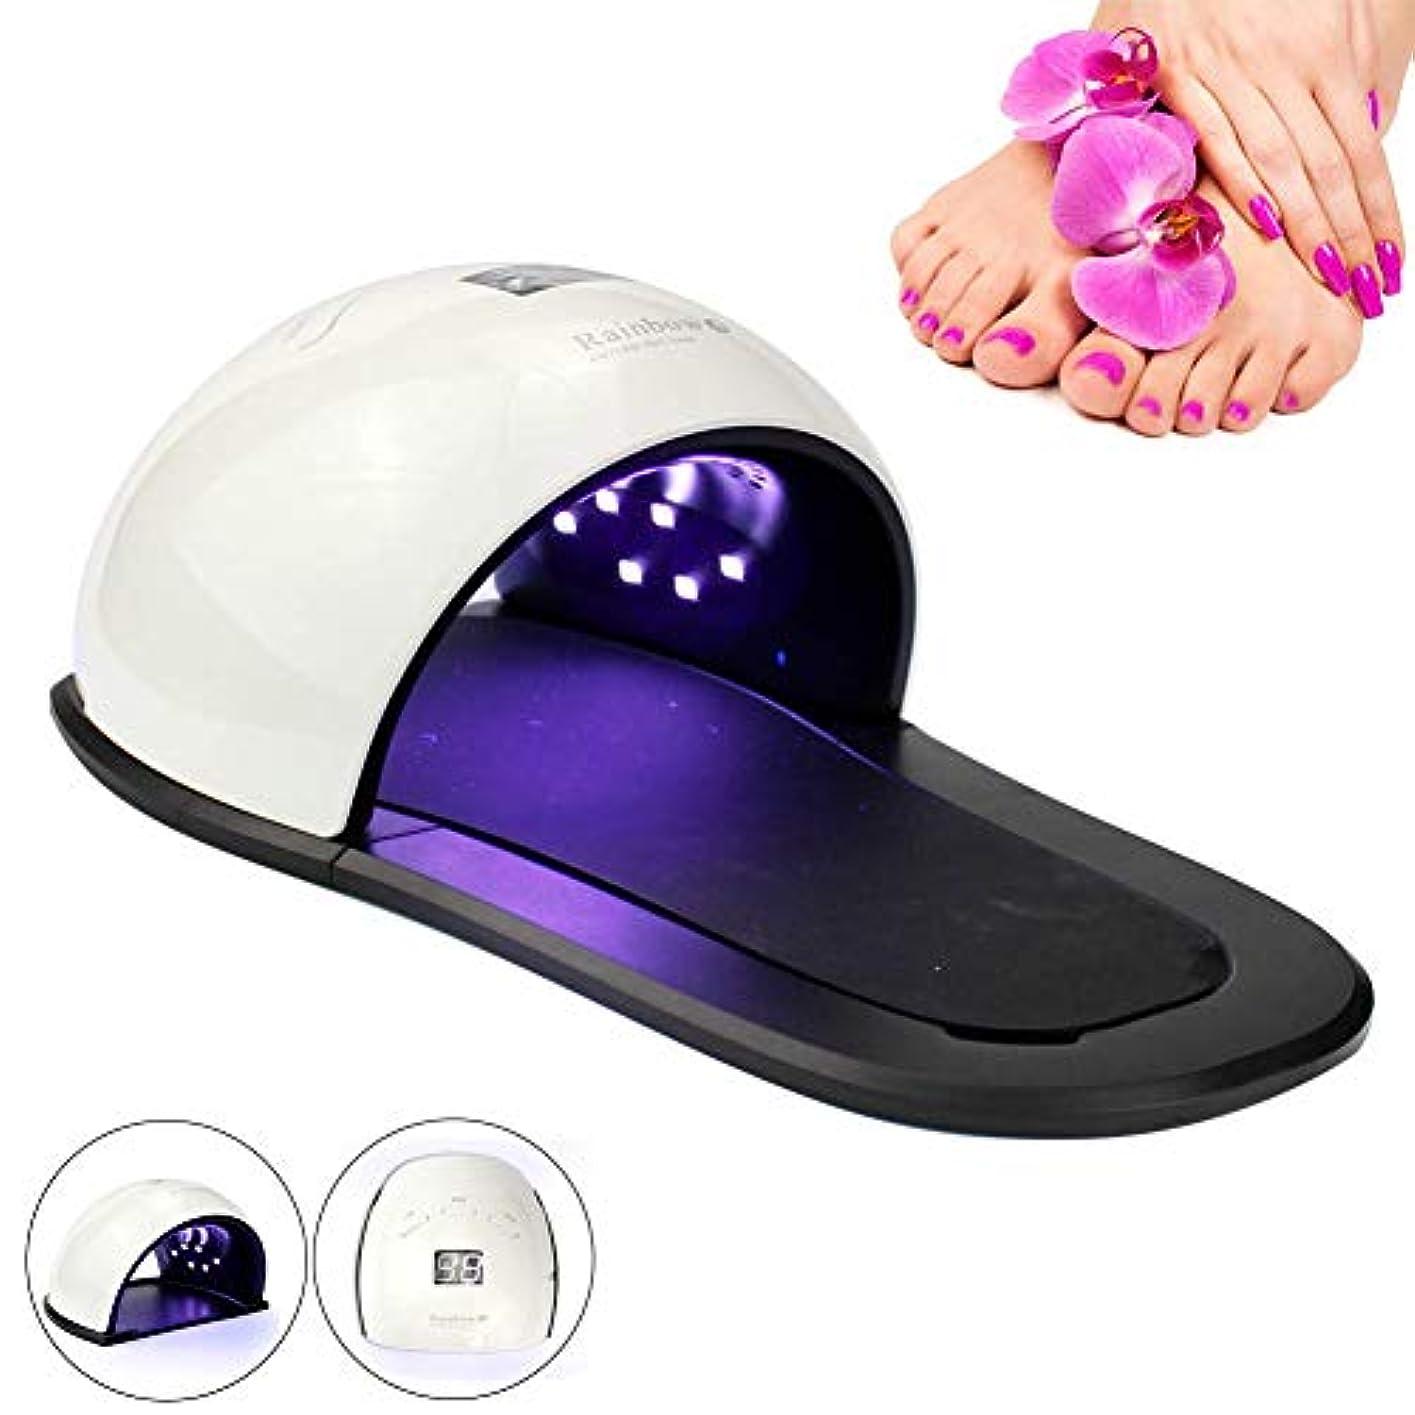 メドレー傷跡もっともらしい48W UVネイルジェルLEDランプ(ハンド&フット用)プロフェッショナルネイルドライヤー(硬化用)指の爪の爪用LEDランプポーランドマニキュアネイルツール